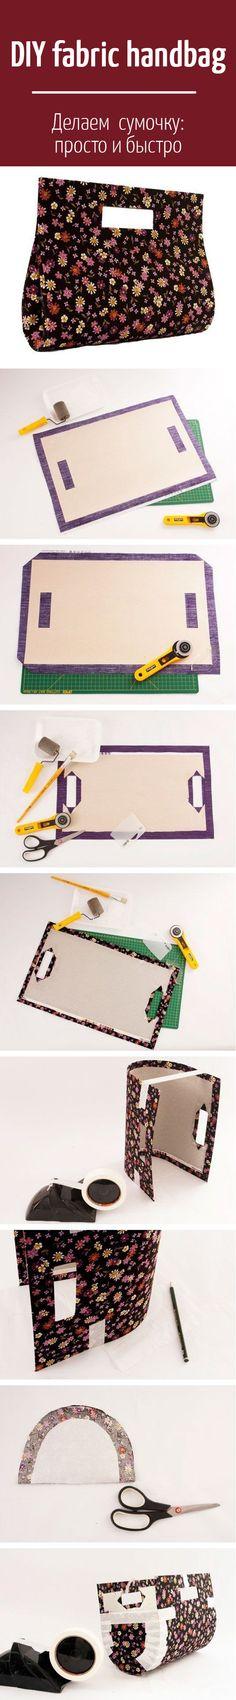 DIY fabric handbag /